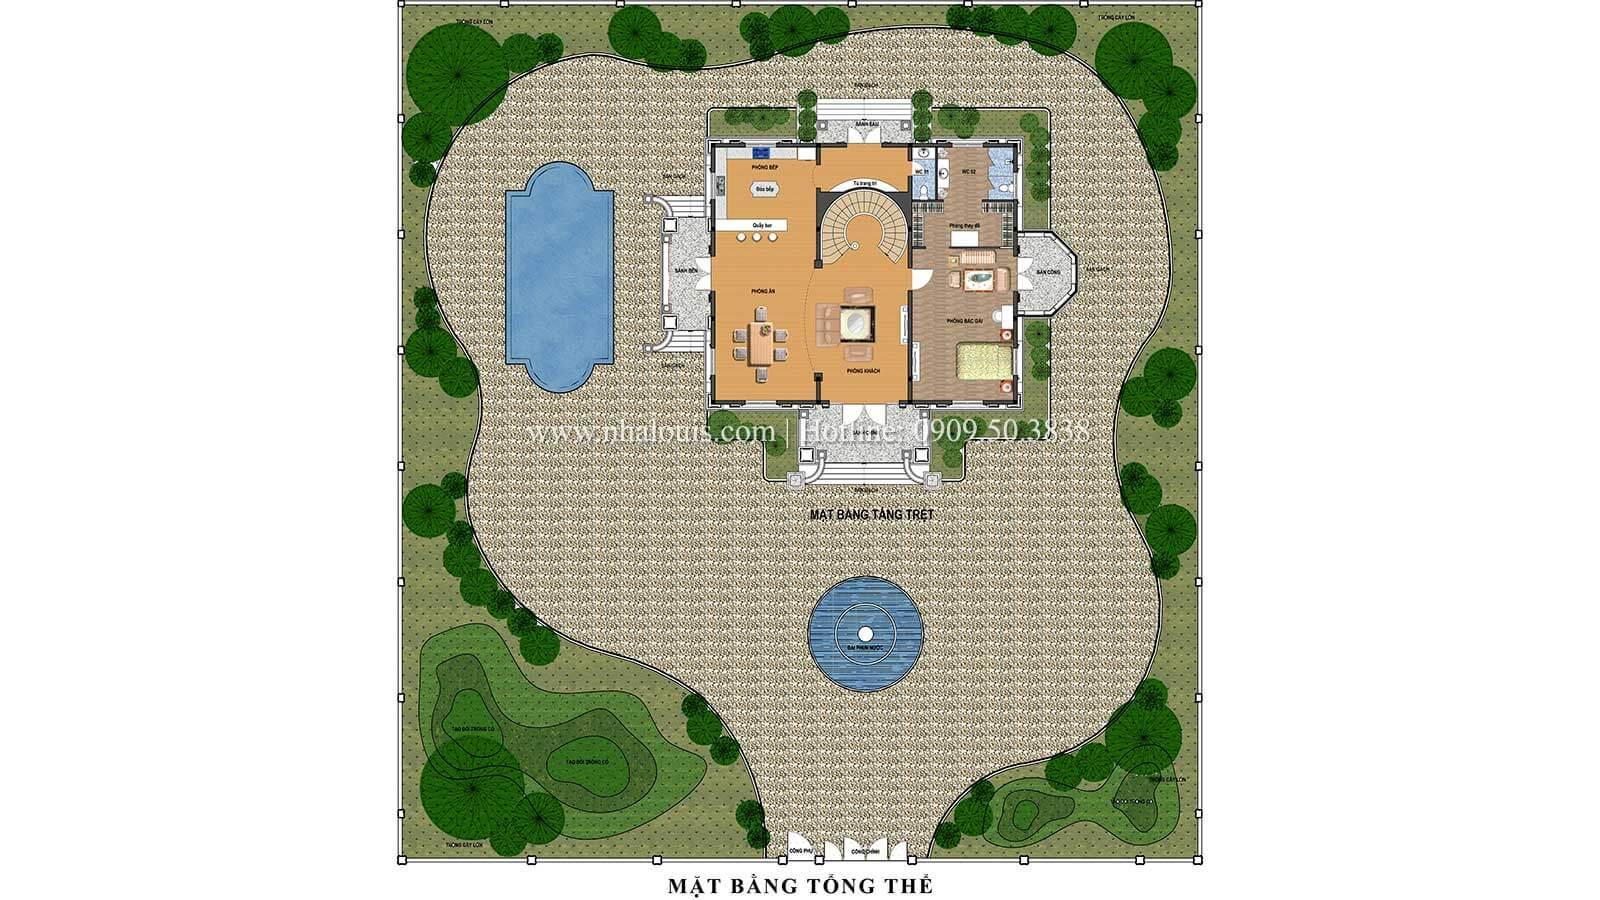 Mặt bằng tổng thể Thiết kế biệt thự châu âu cổ điển 4 tầng đẳng cấp tại Kiên Giang